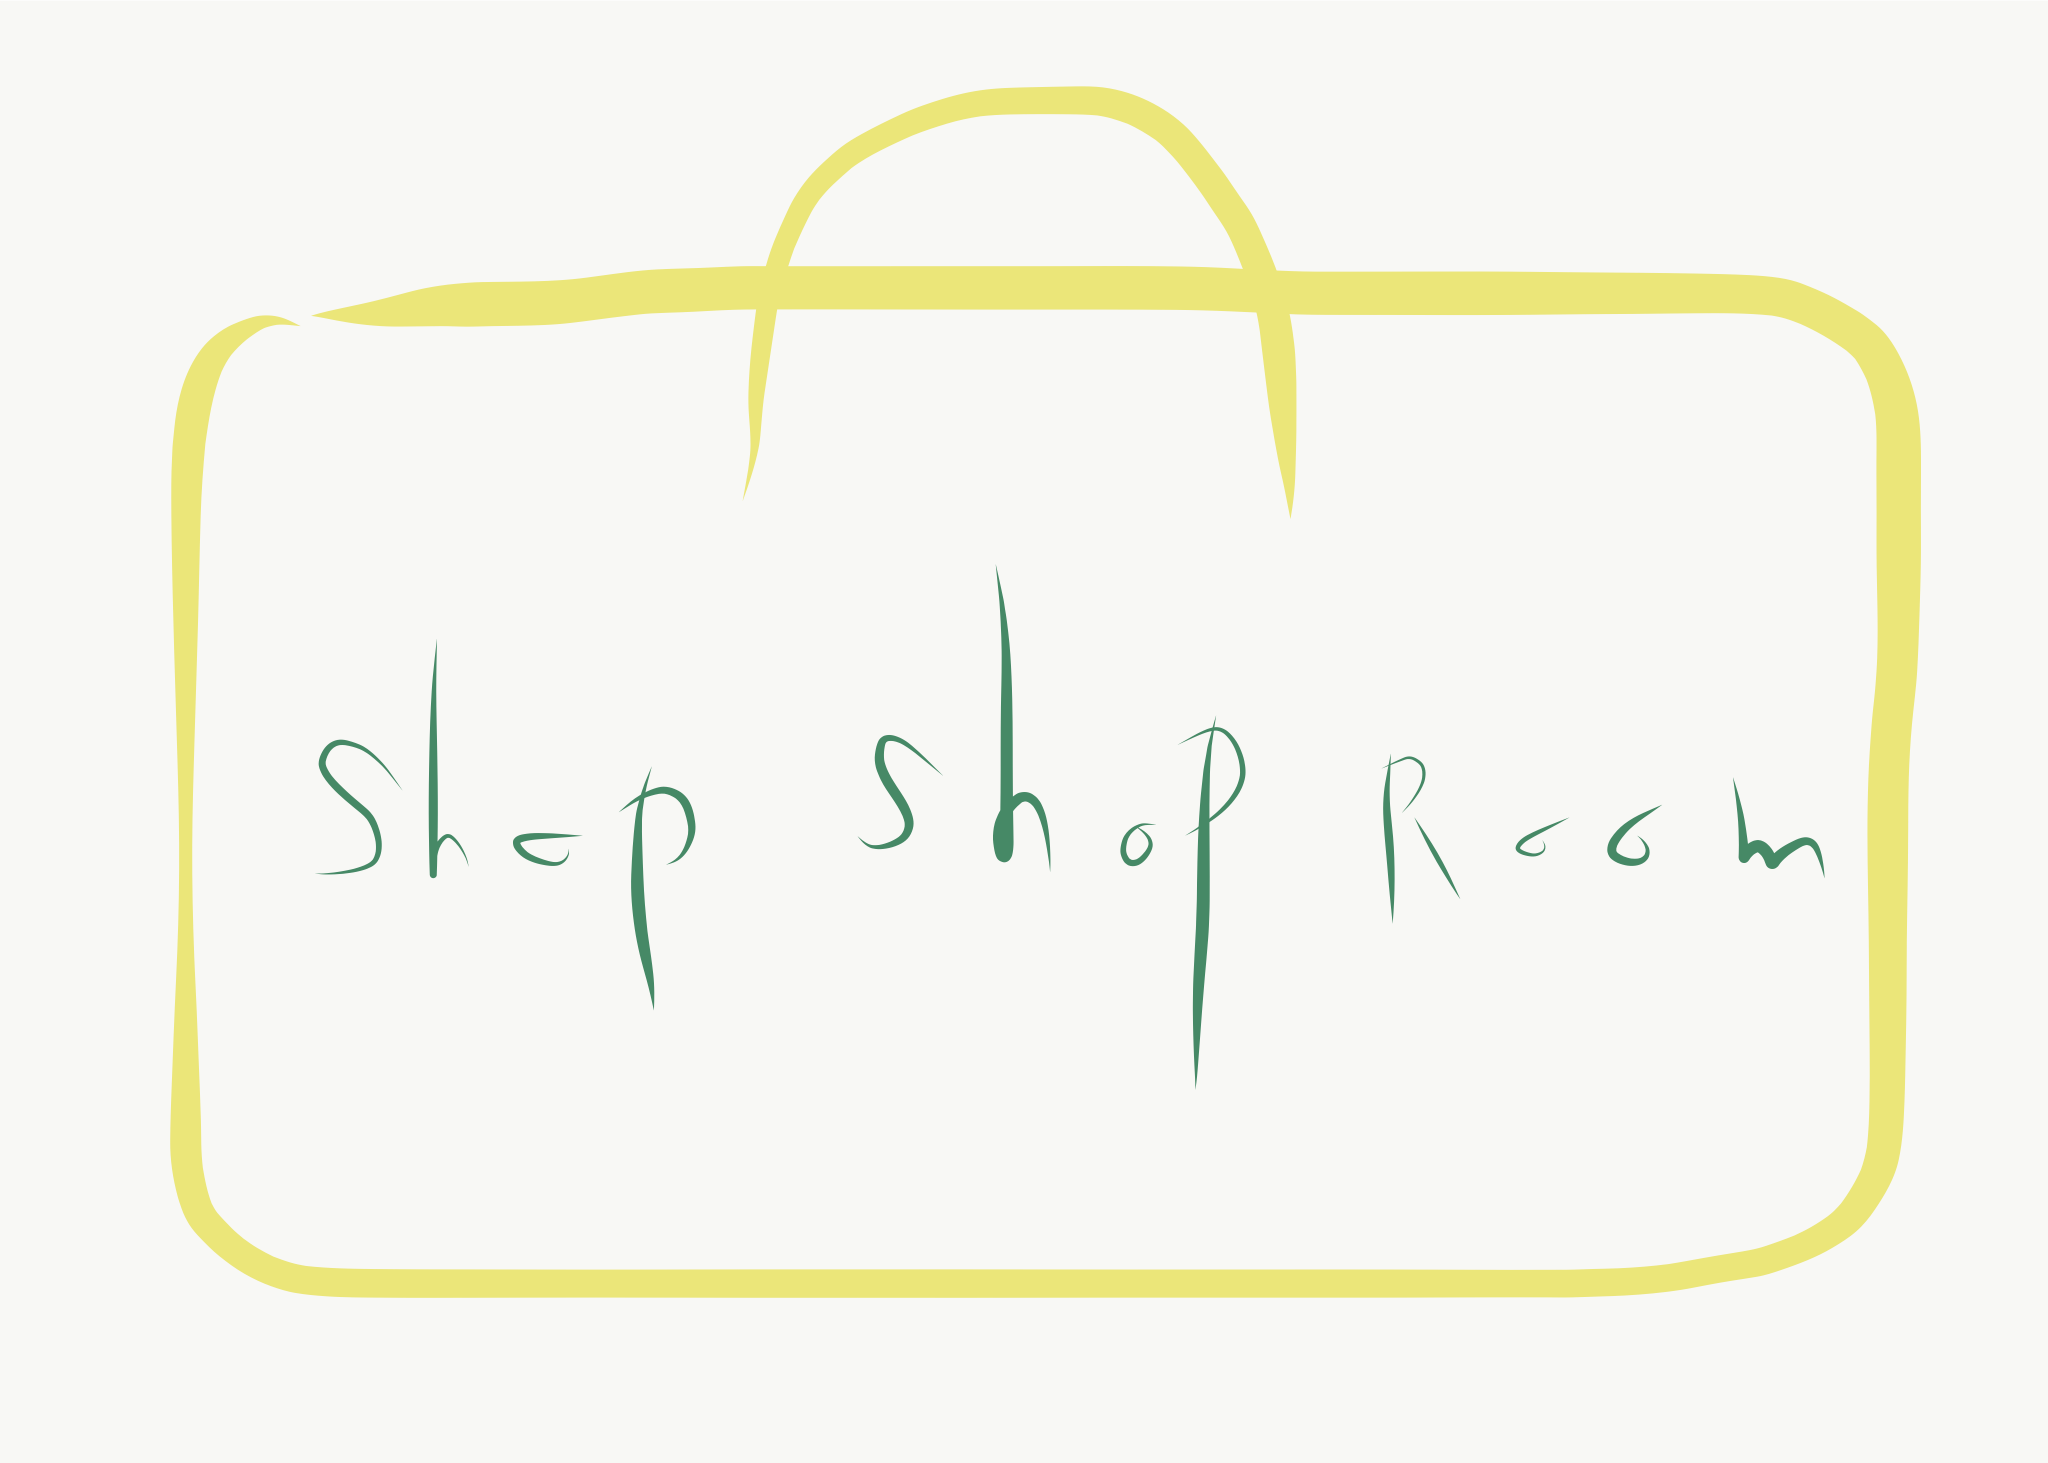 SHOP SHOP ROOM